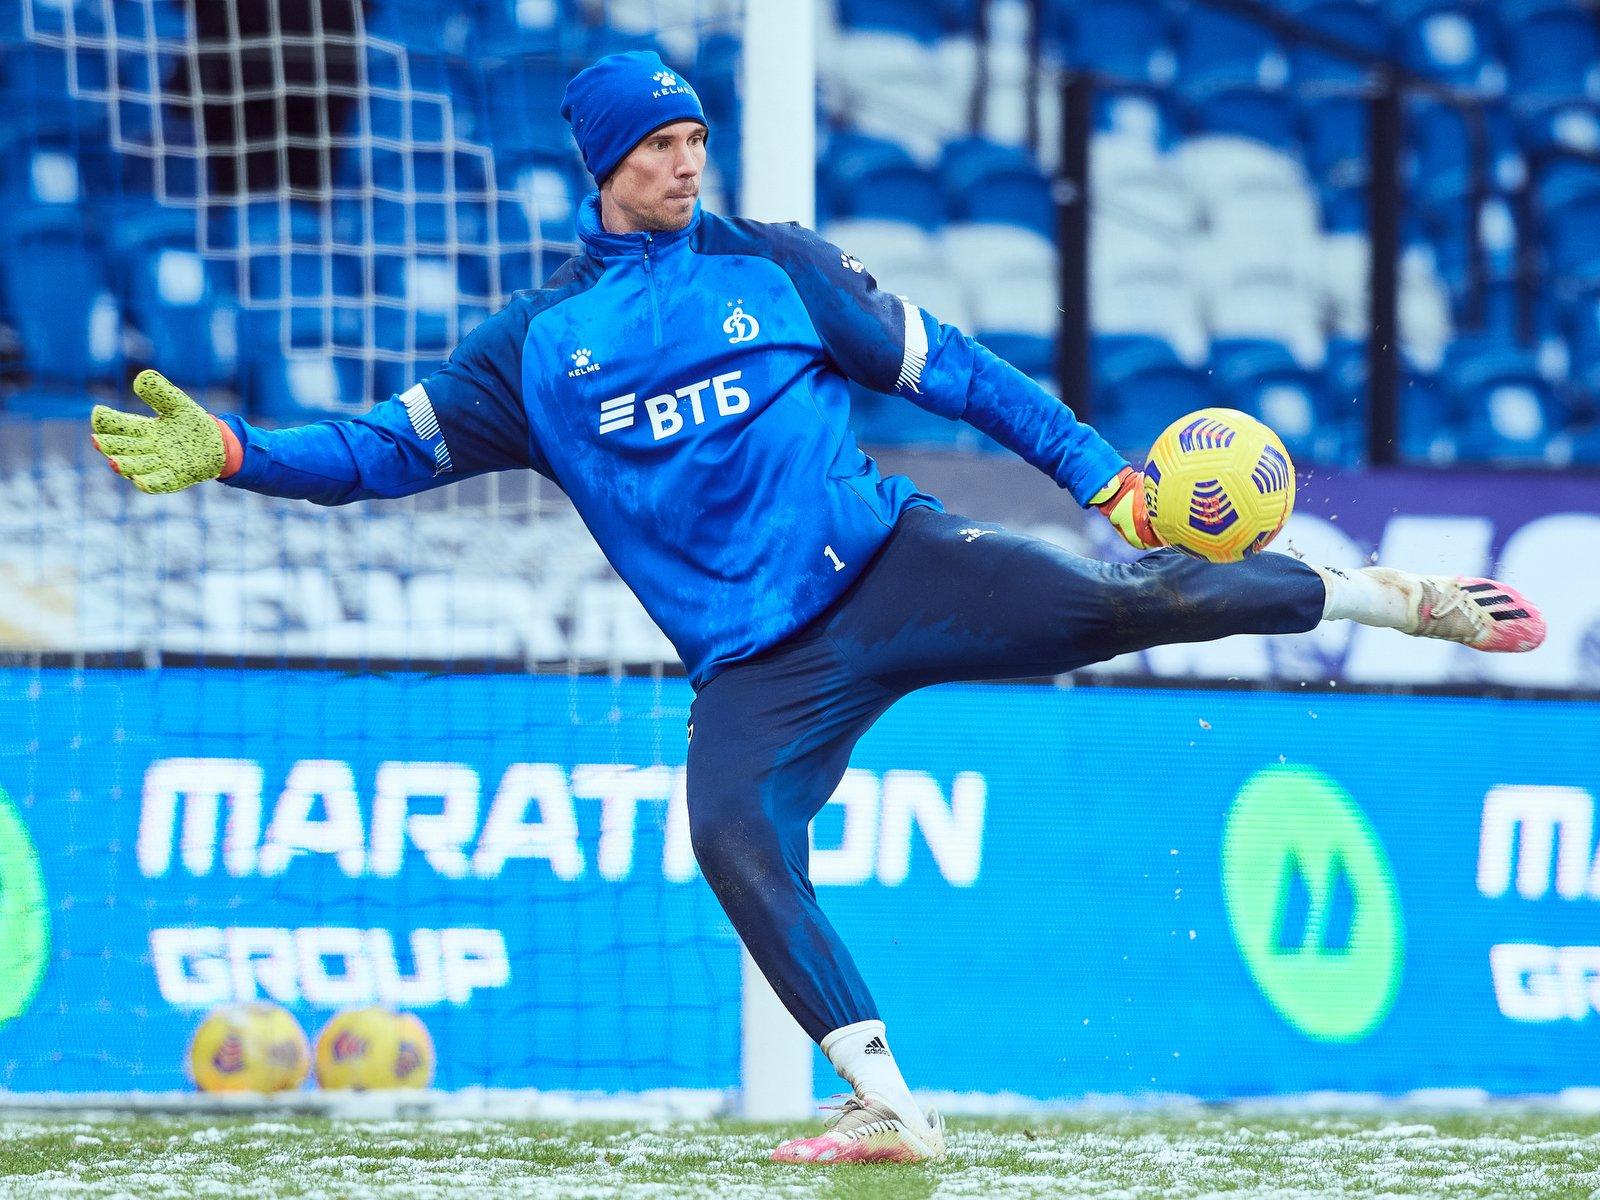 Московское «Динамо» получило годовой убыток в 131 млн рублей